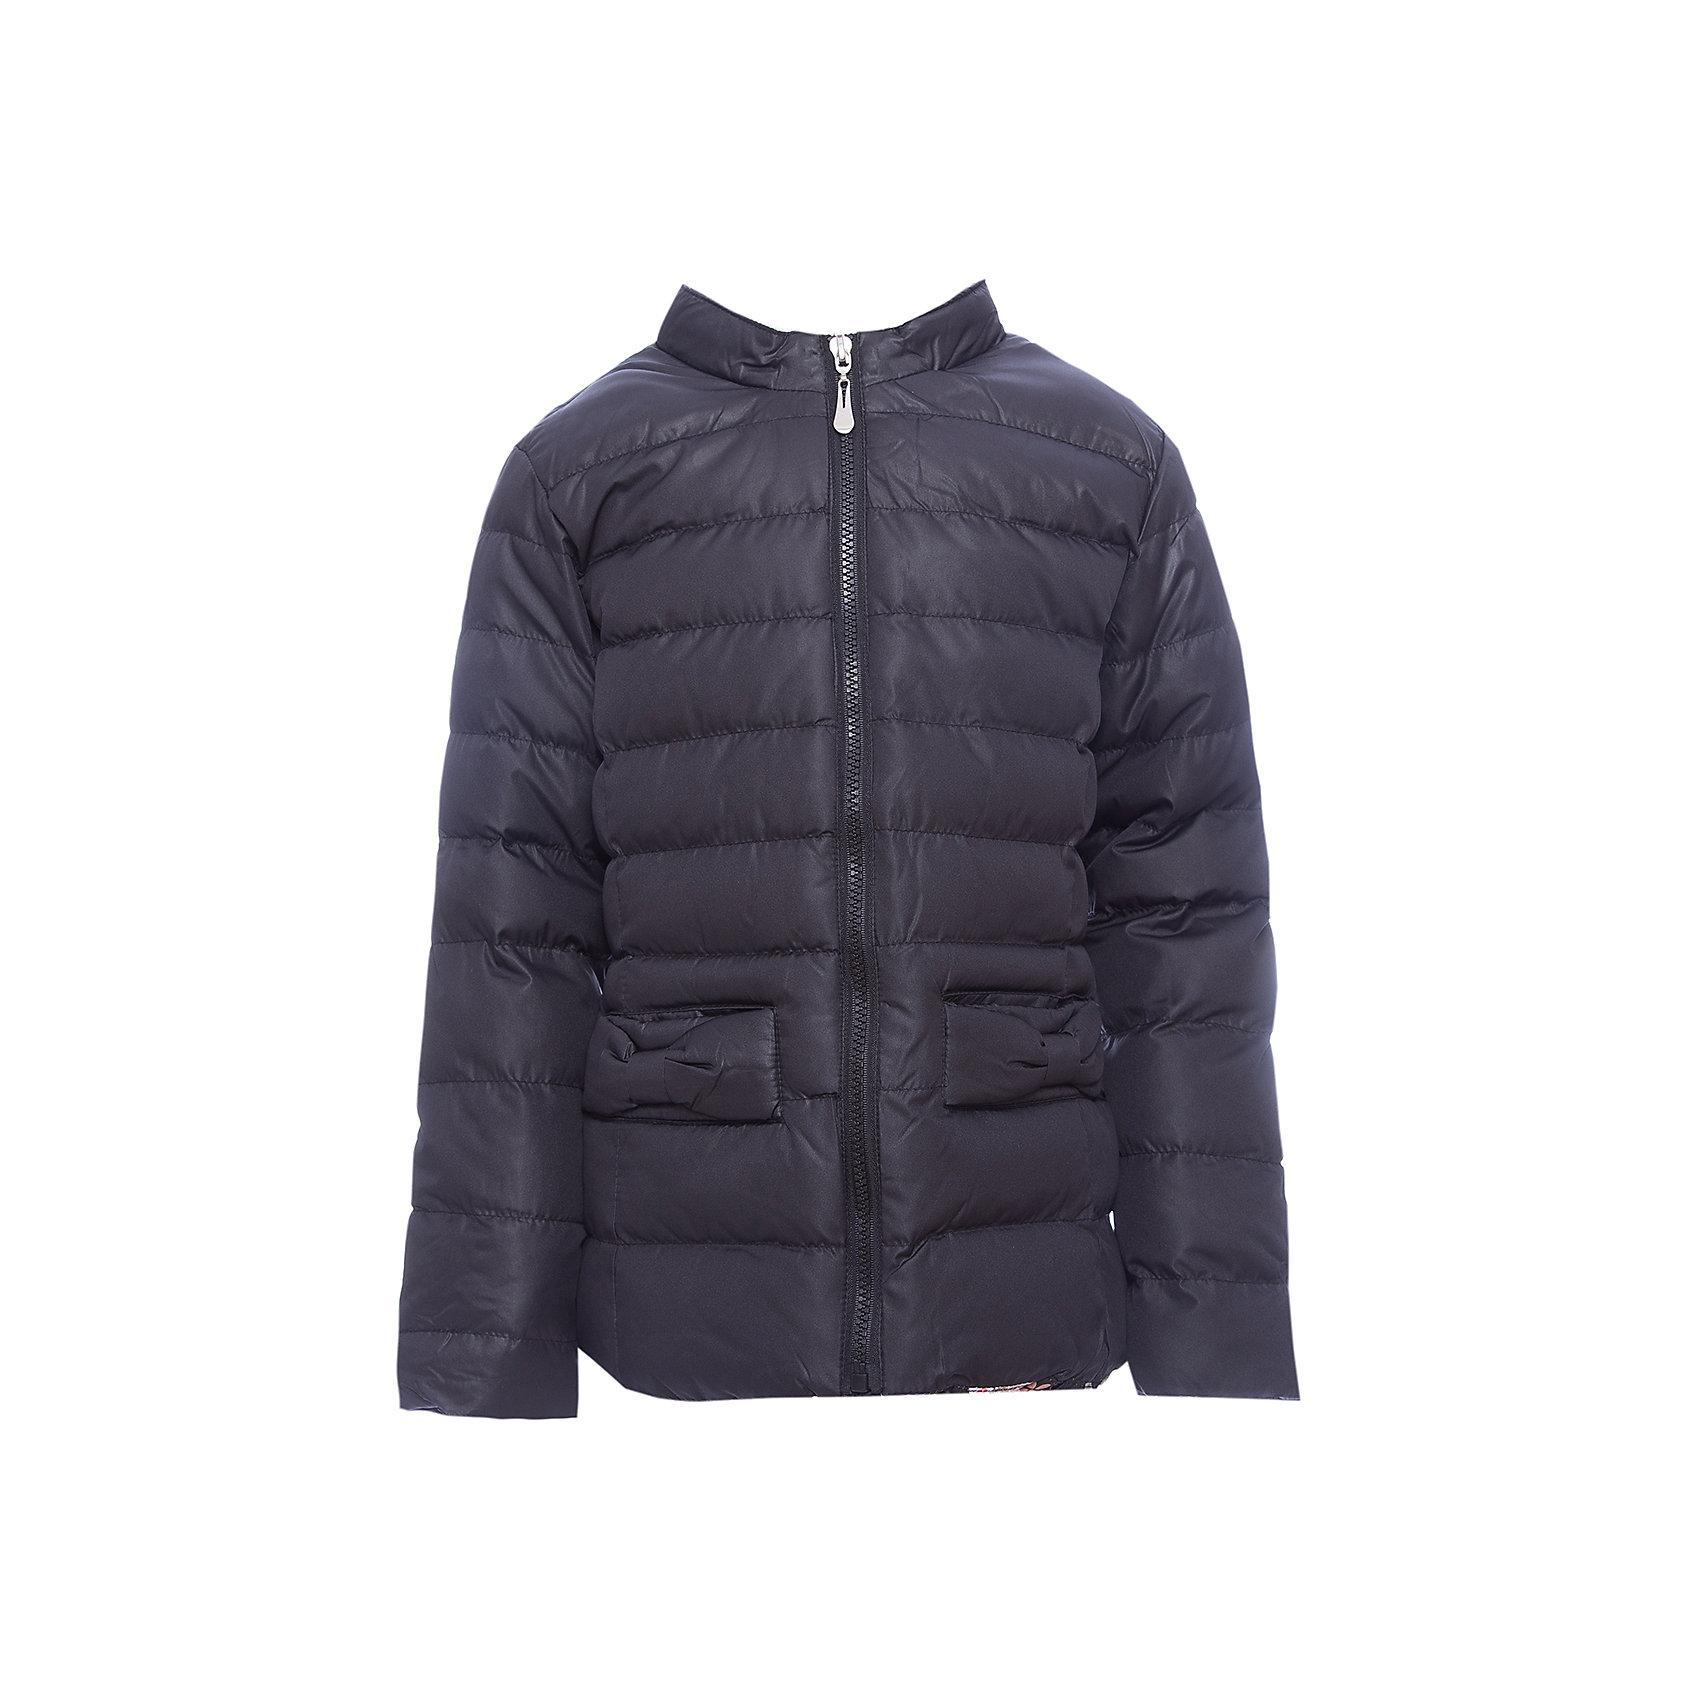 Куртка Luminoso для девочкиВерхняя одежда<br>Куртка Luminoso для девочки<br><br>Состав:<br>Верх: 100% полиэстер Подкладка: 100% полиэстер Наполнитель 100% полиэстер<br><br>Ширина мм: 356<br>Глубина мм: 10<br>Высота мм: 245<br>Вес г: 519<br>Цвет: черный<br>Возраст от месяцев: 156<br>Возраст до месяцев: 168<br>Пол: Женский<br>Возраст: Детский<br>Размер: 164,134,140,146,152,158<br>SKU: 7097110